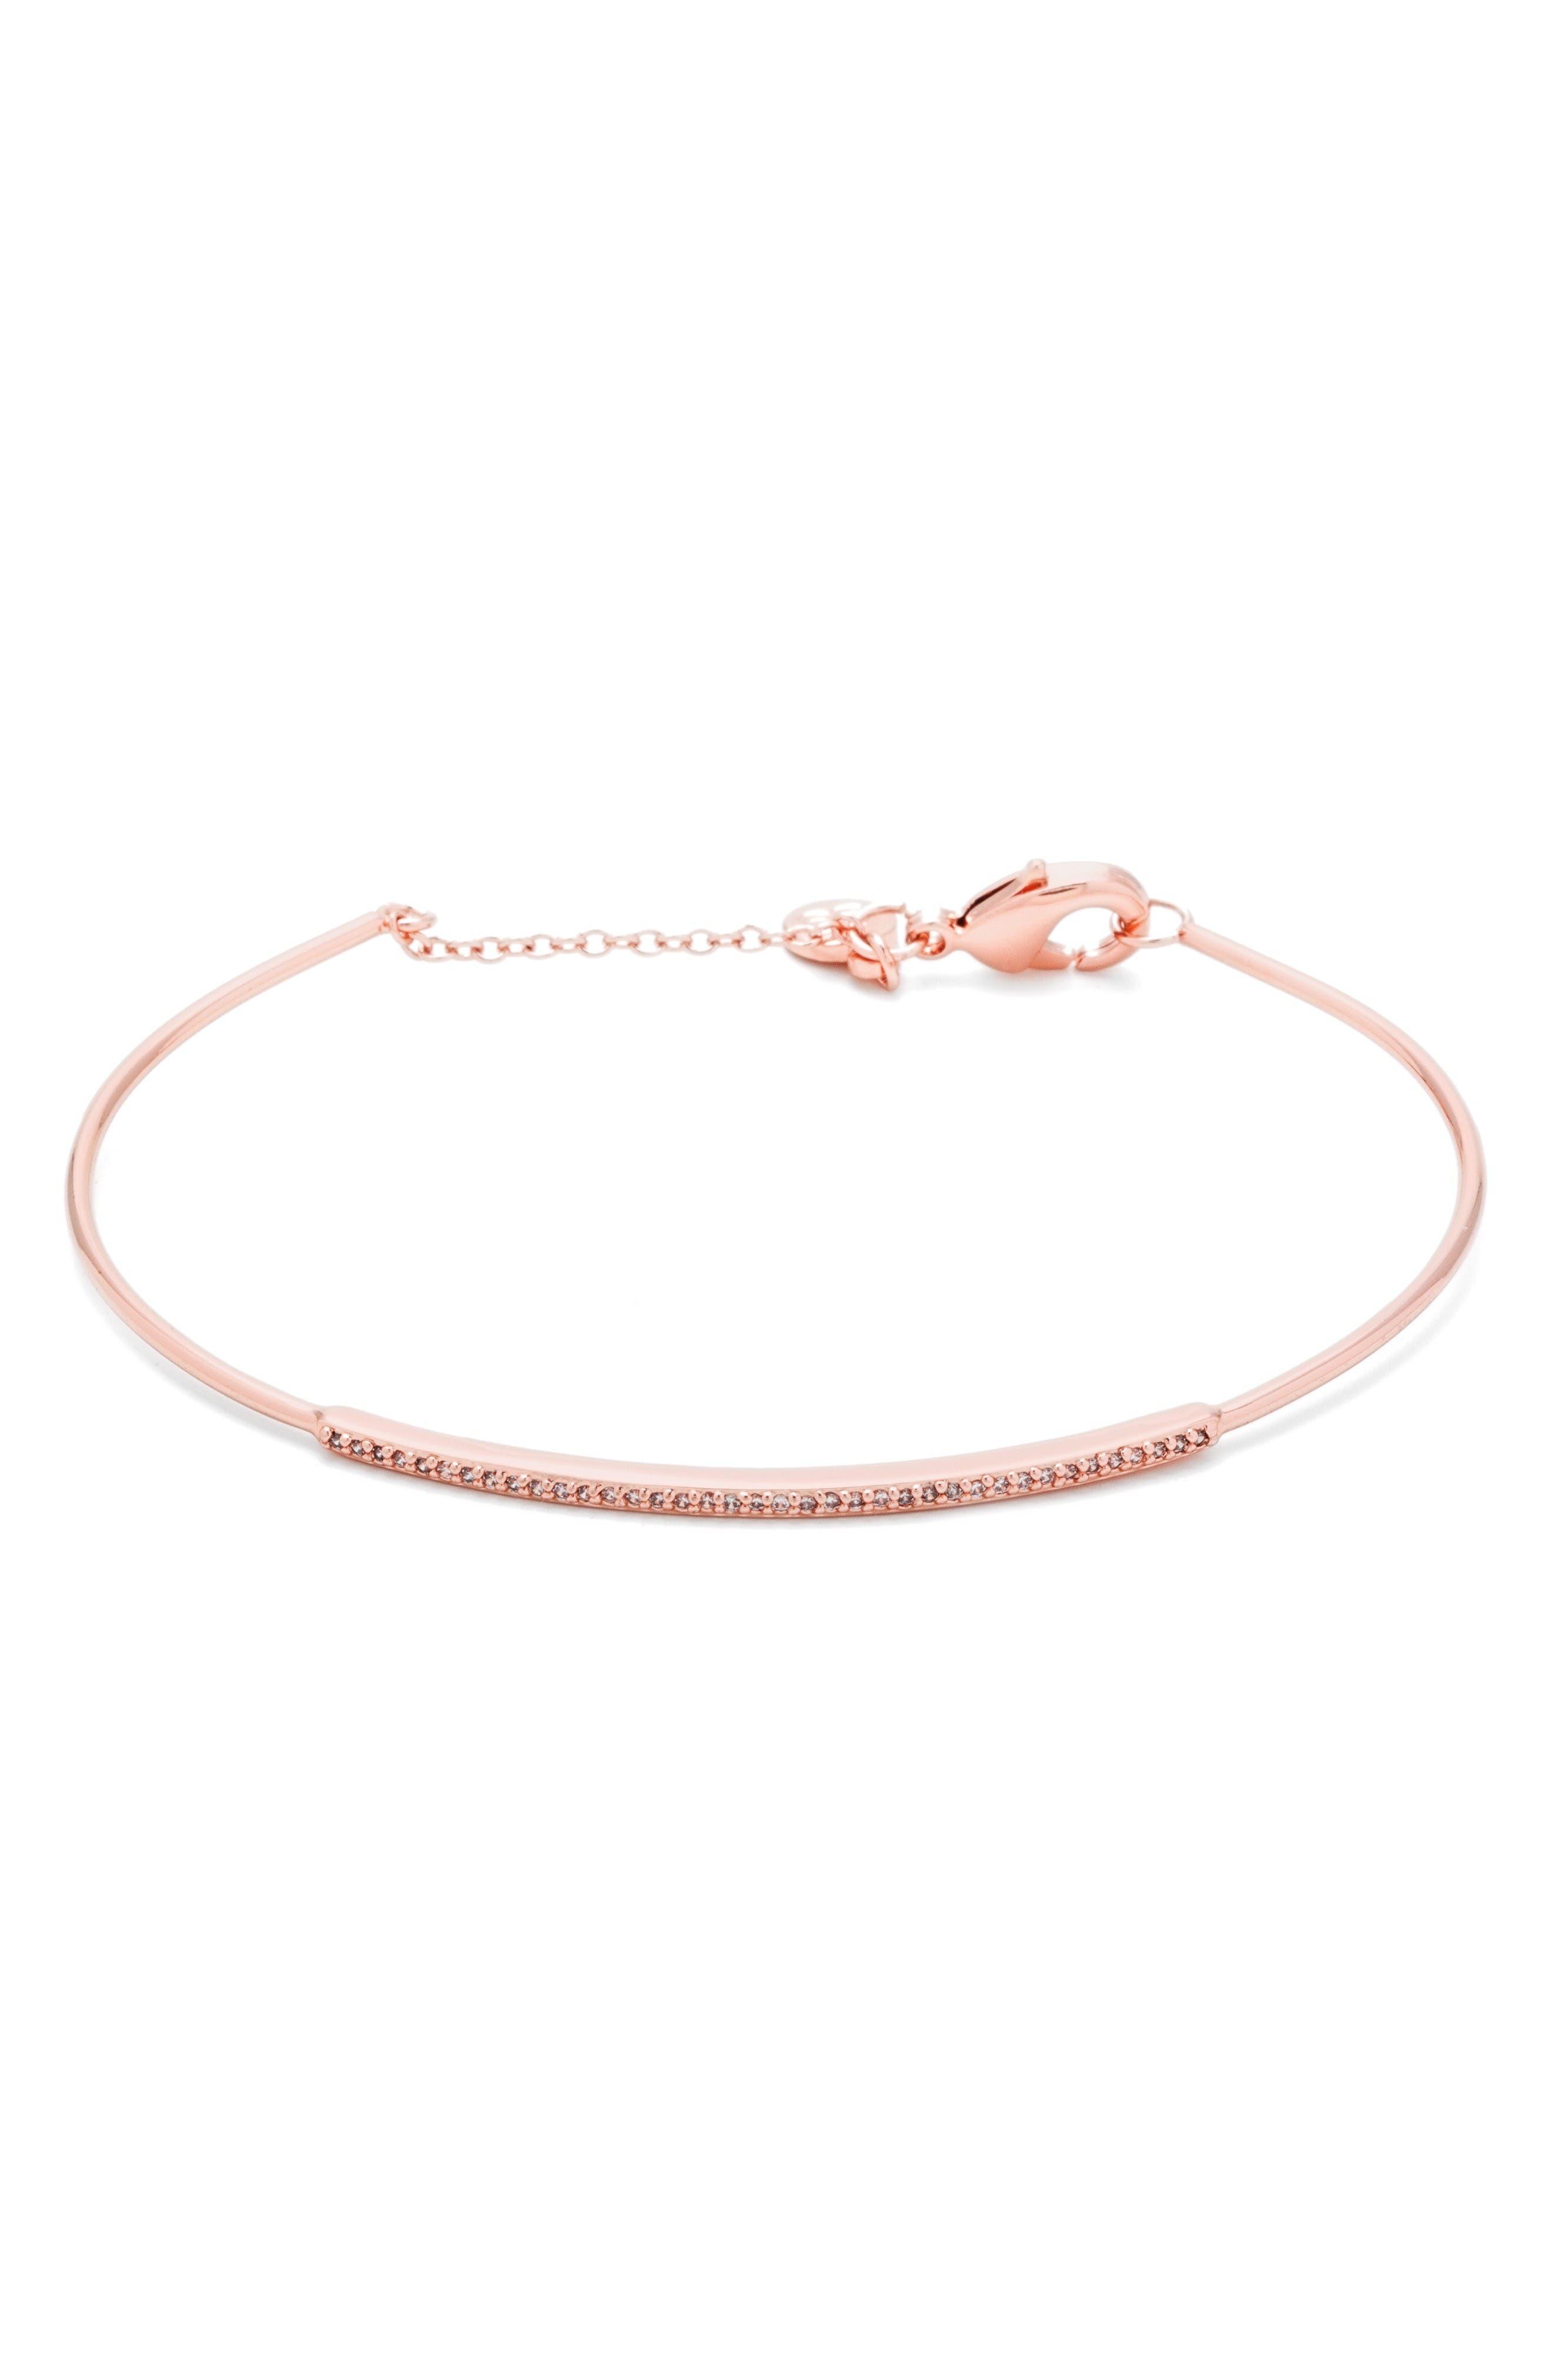 GORJANA Shimmer Bar Pavé Bracelet